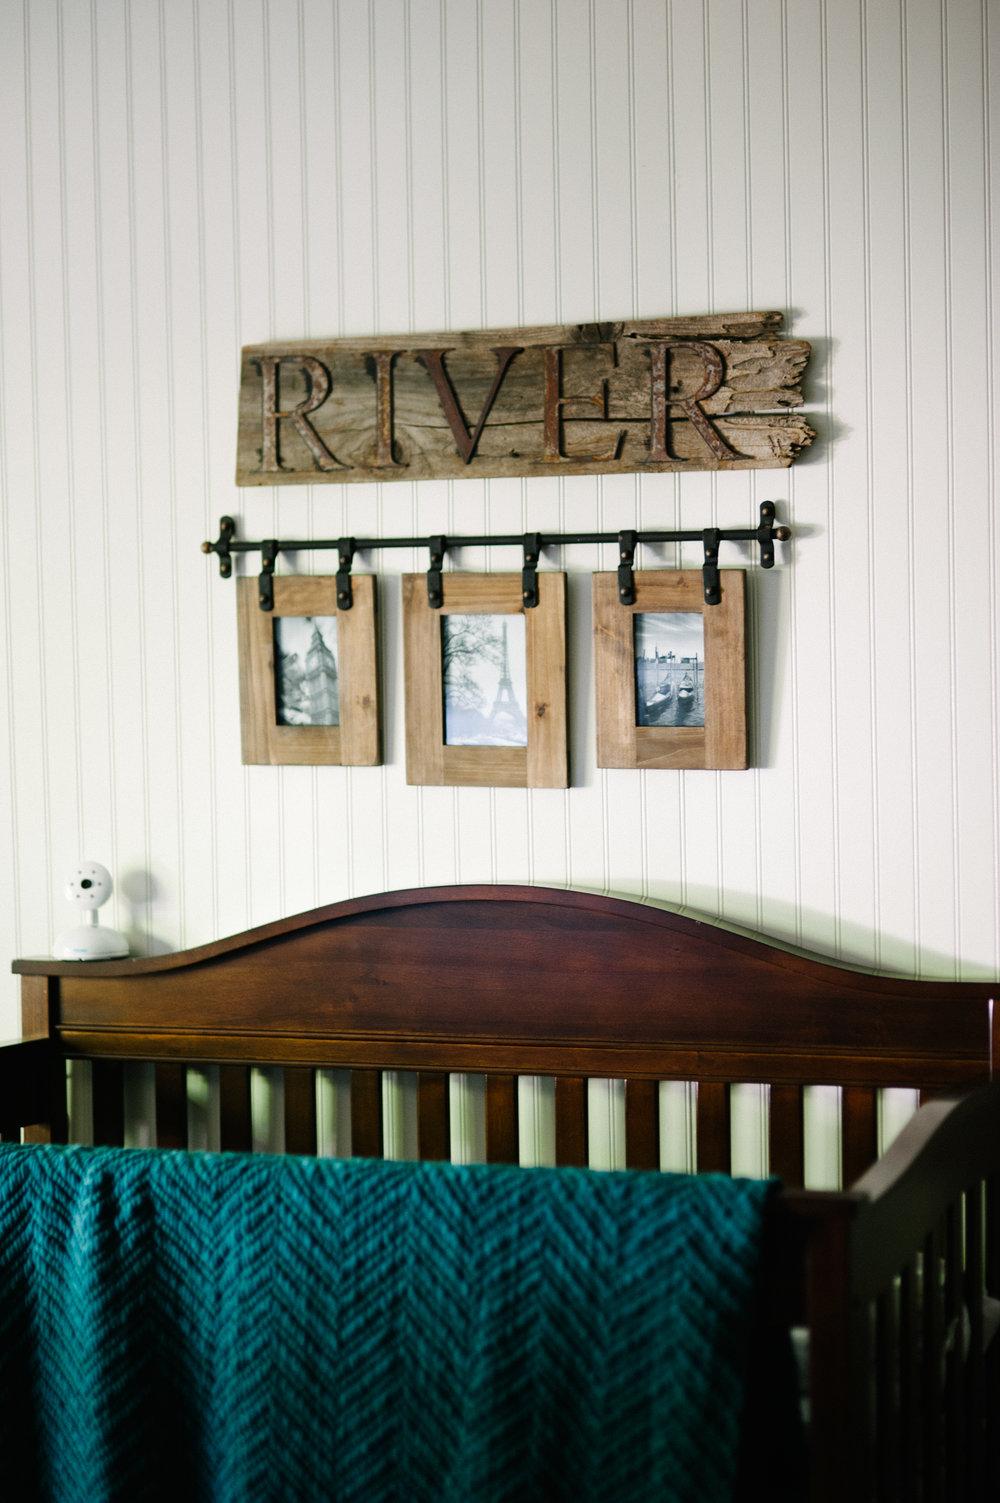 River102.jpg